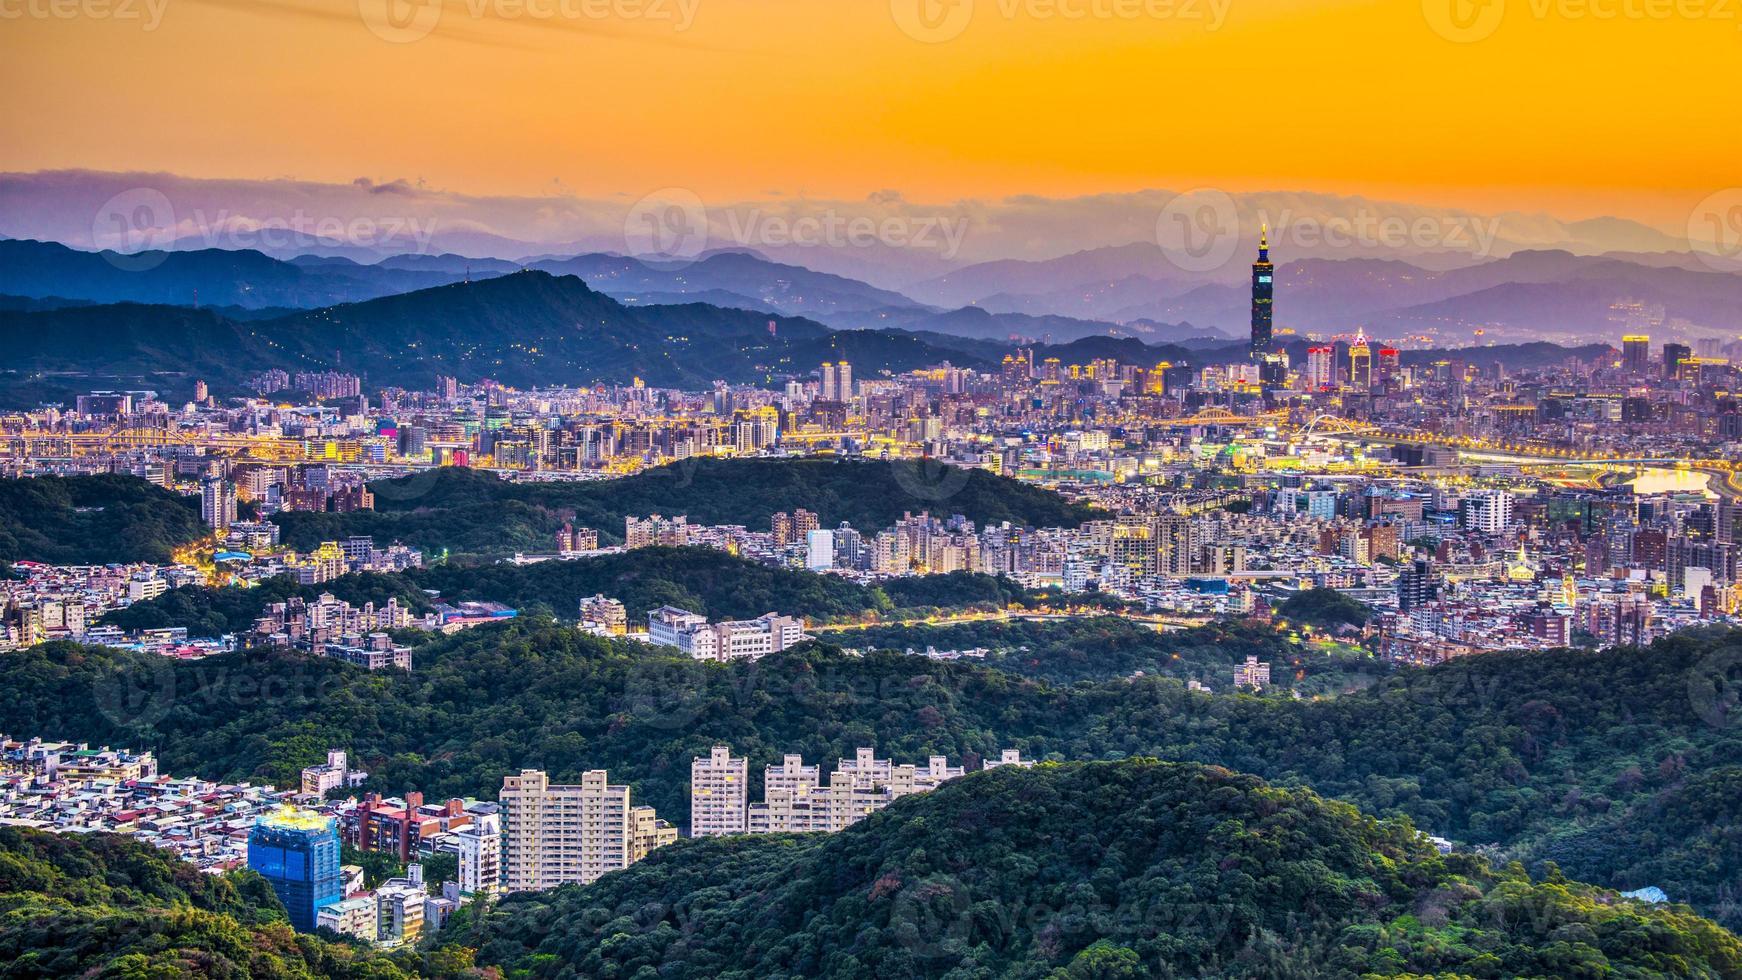 Una foto de las colinas del horizonte de Taipei al amanecer